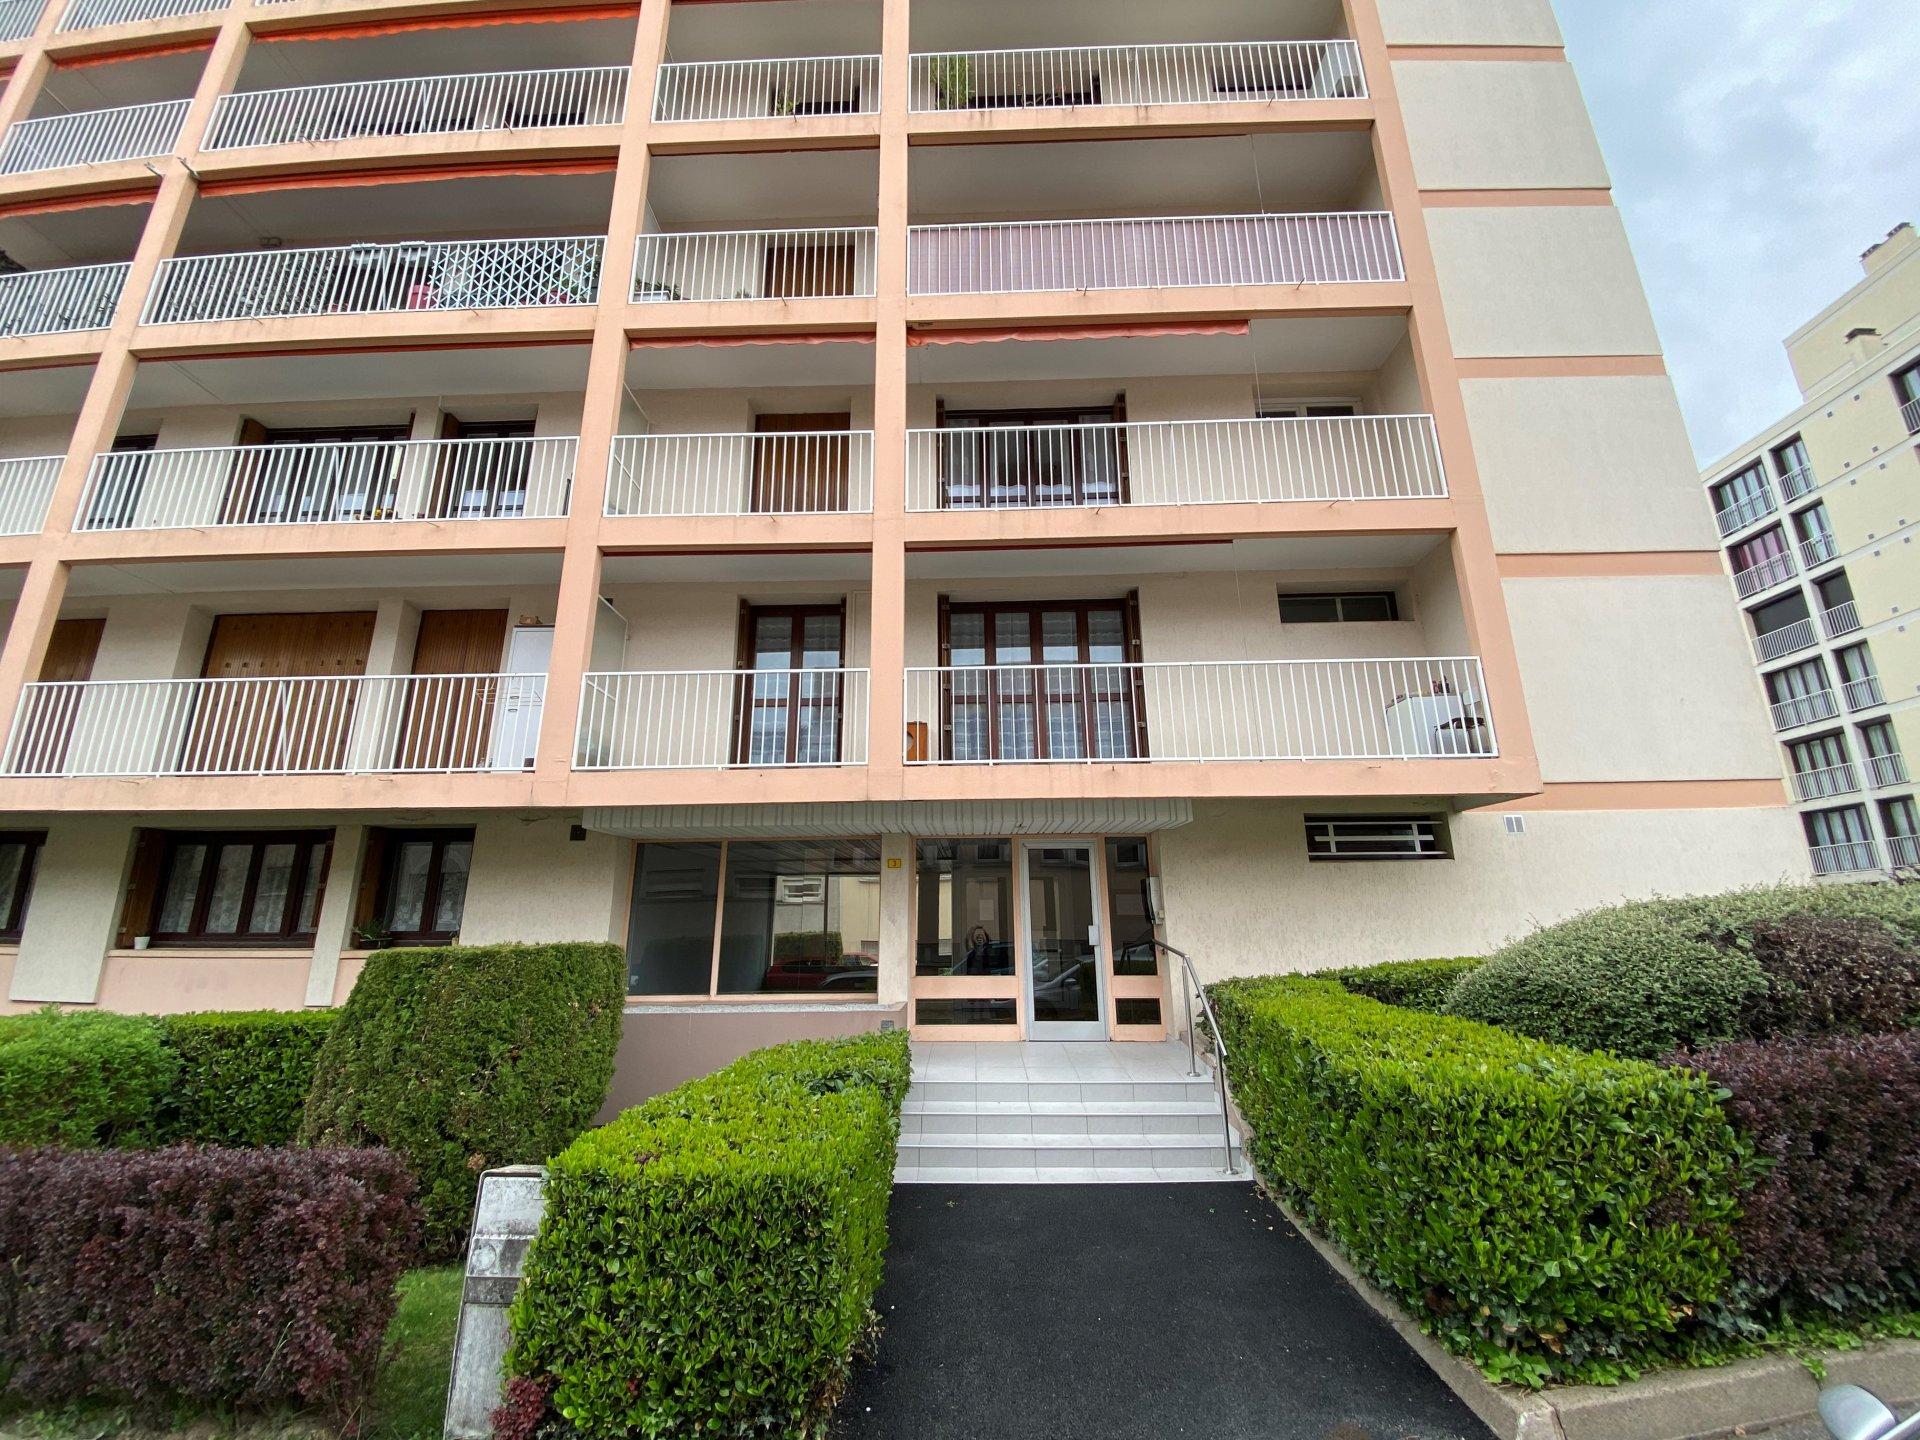 SAINT-ETIENNE - Appartement T2 refait à neuf